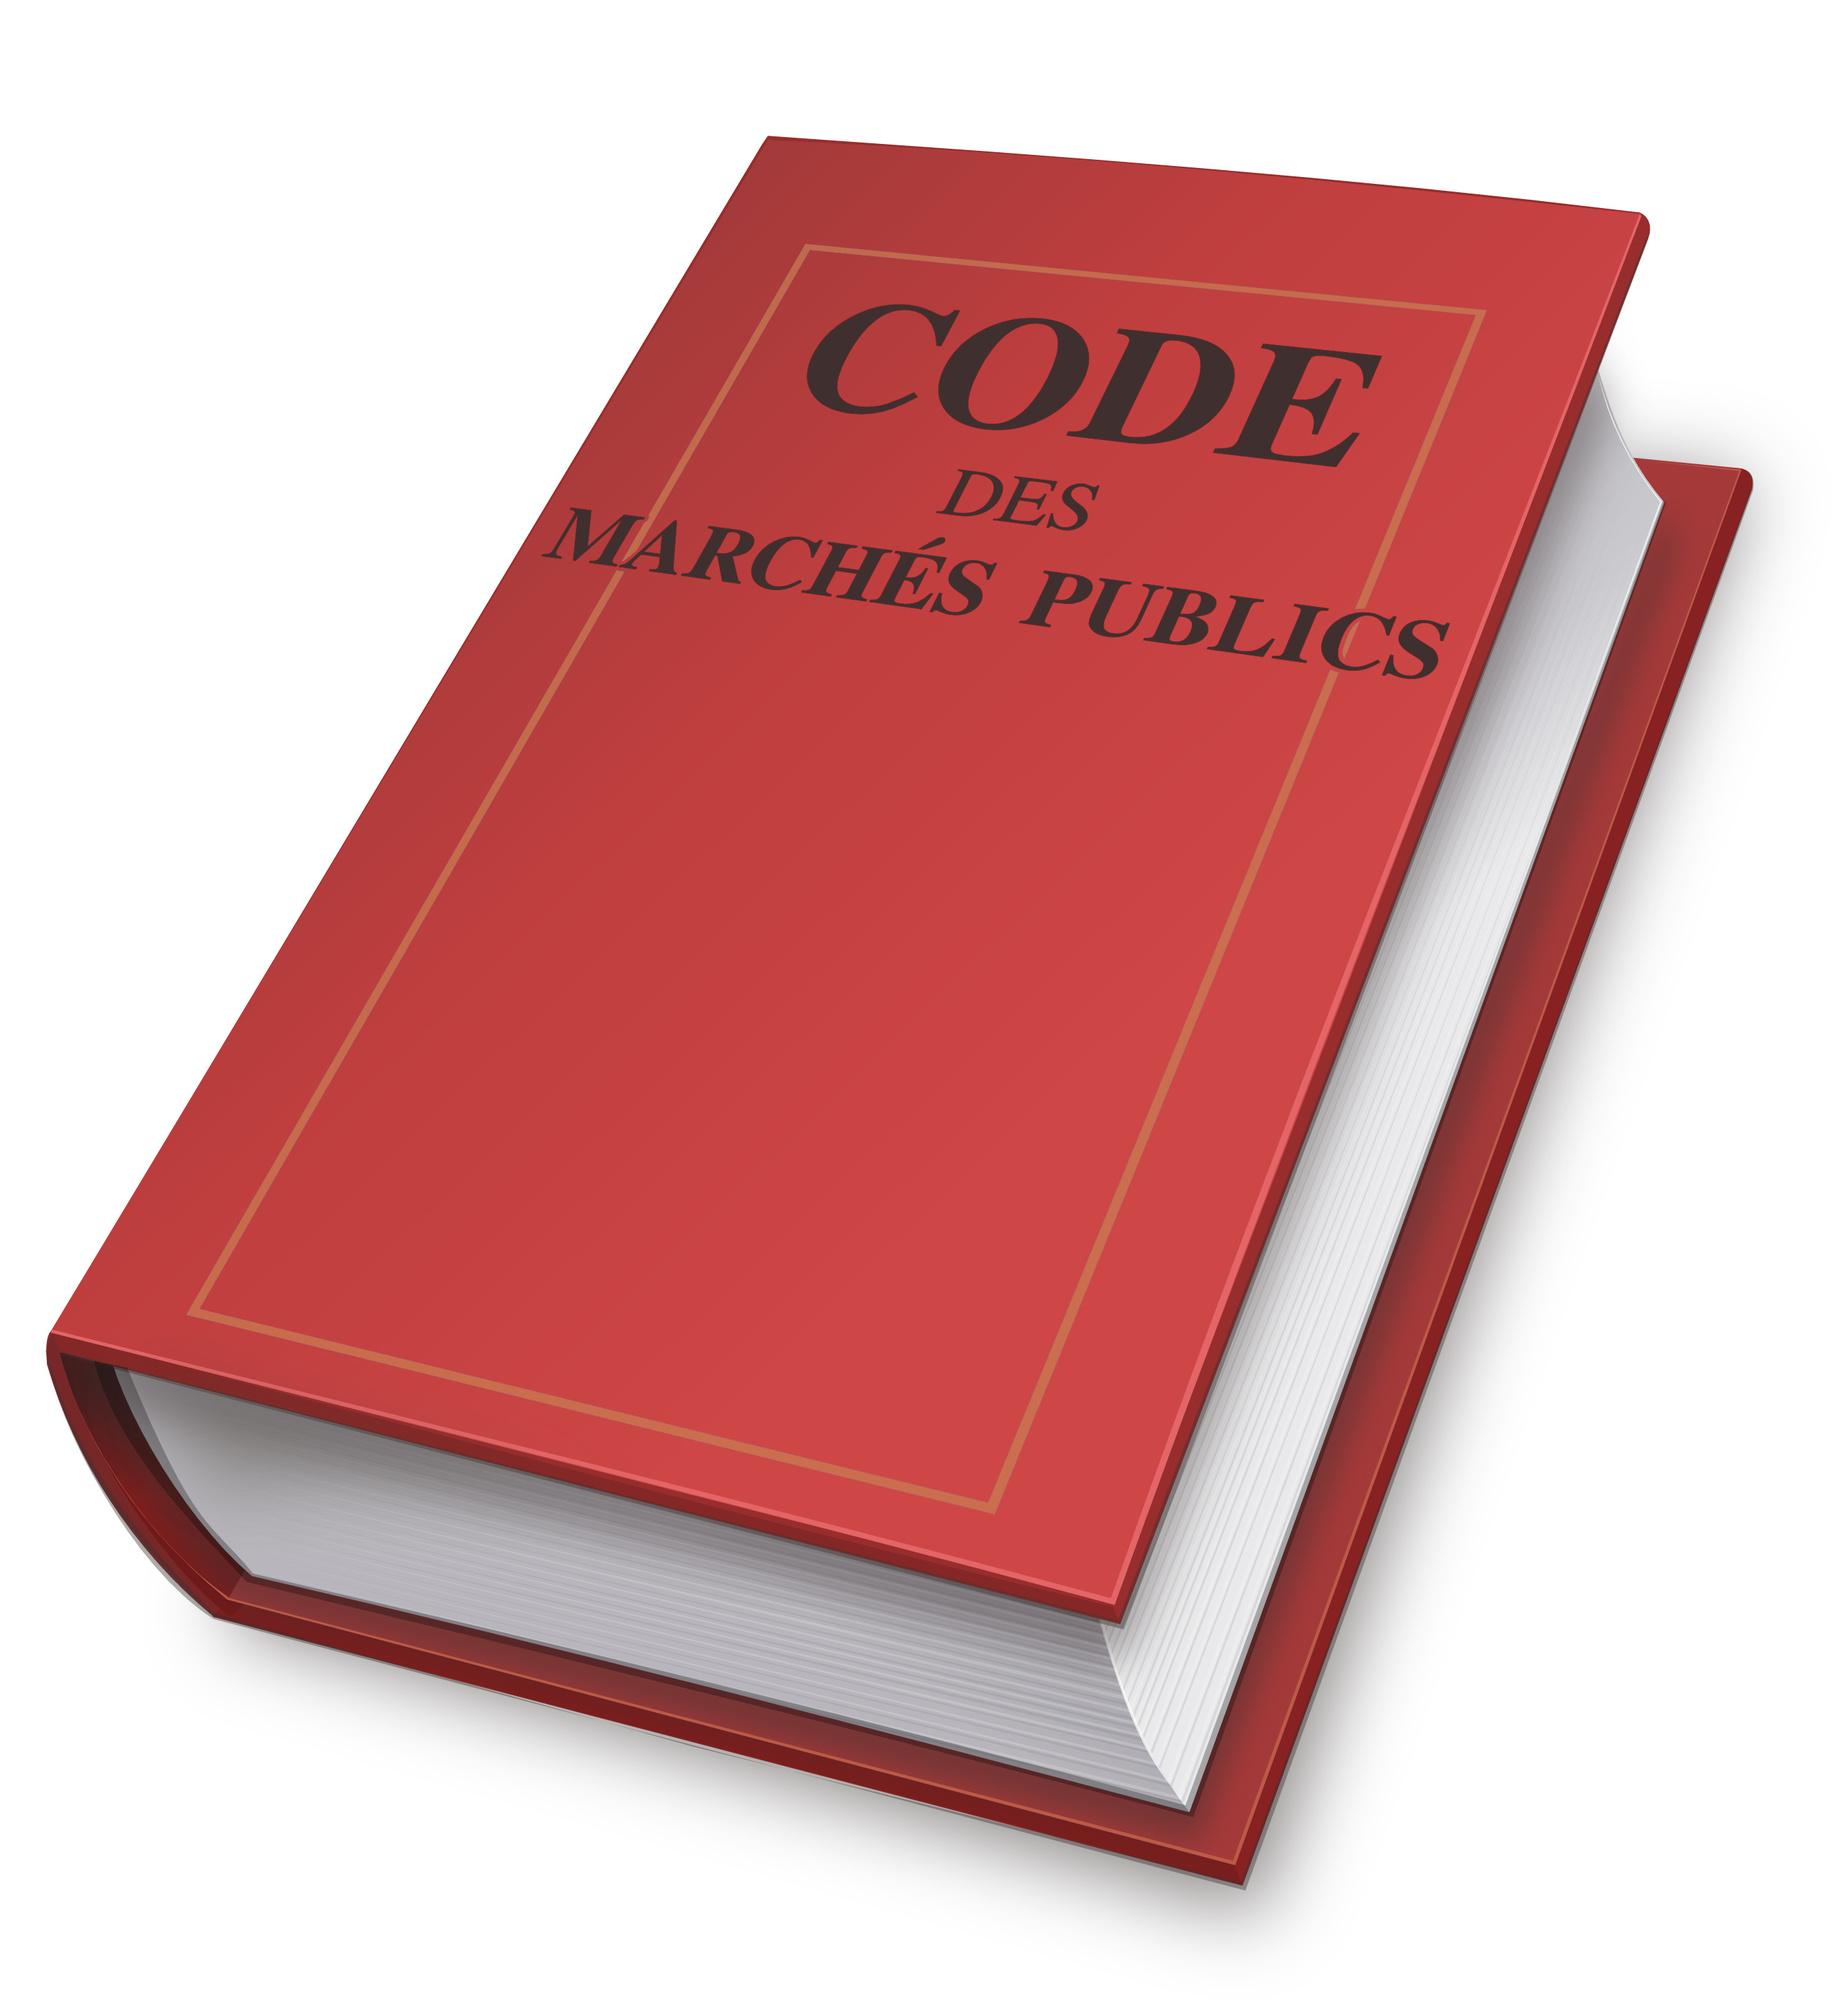 Code des marchs publics